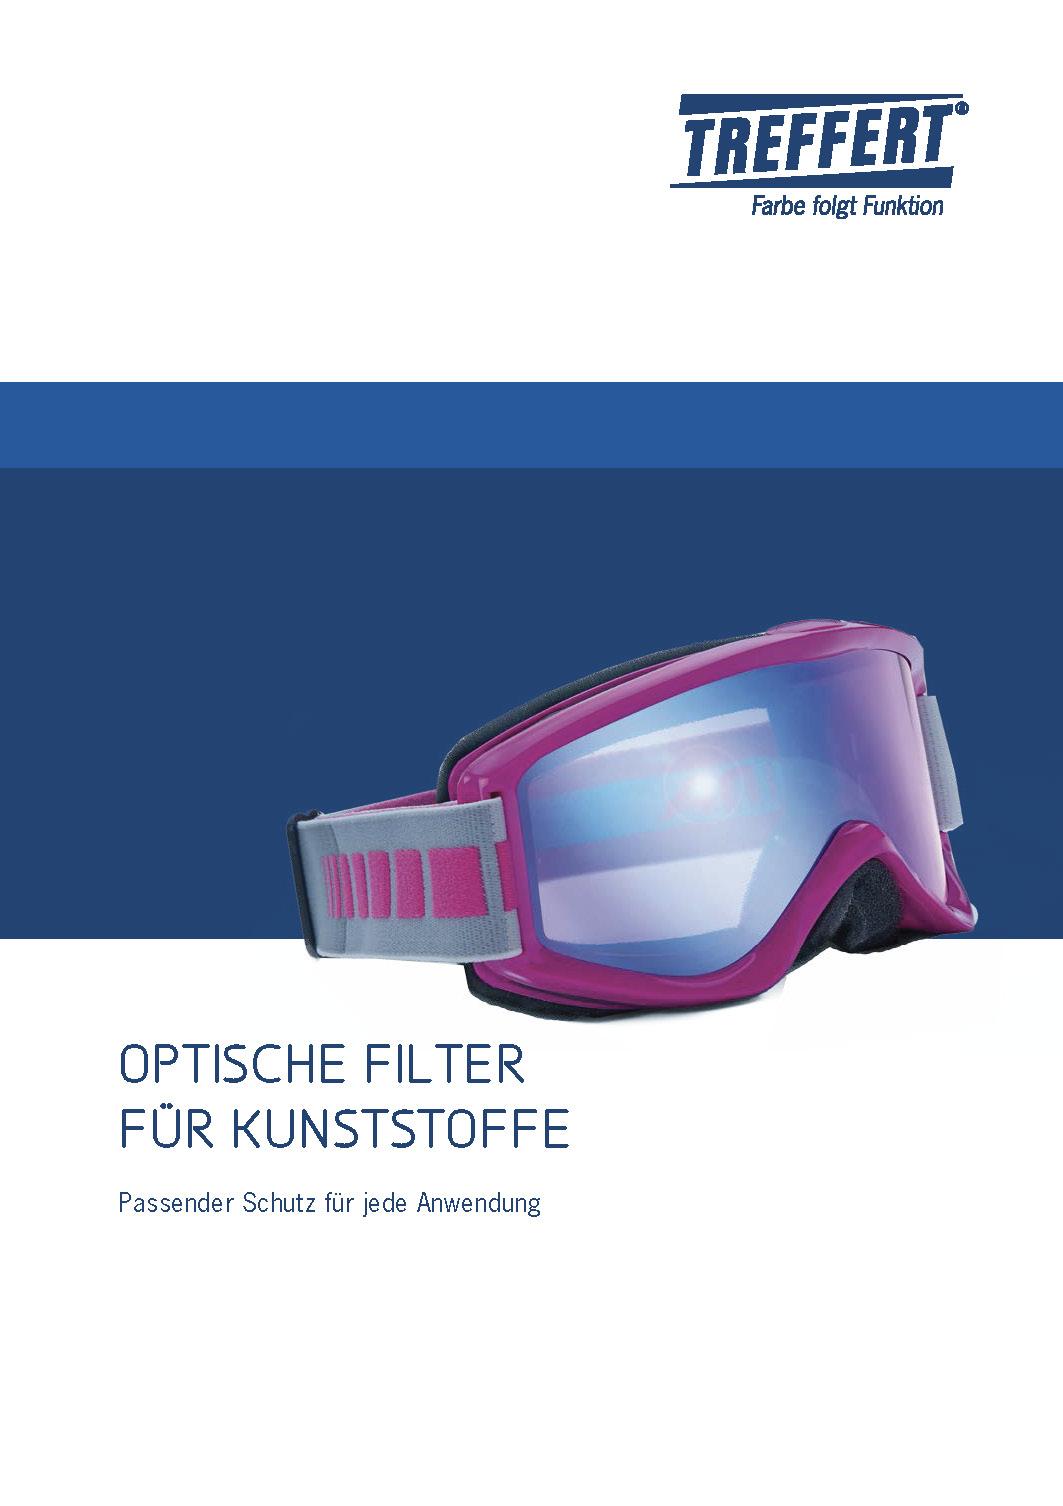 Broschüre Optische Filter für Kunststoffe von Treffert herunterladen